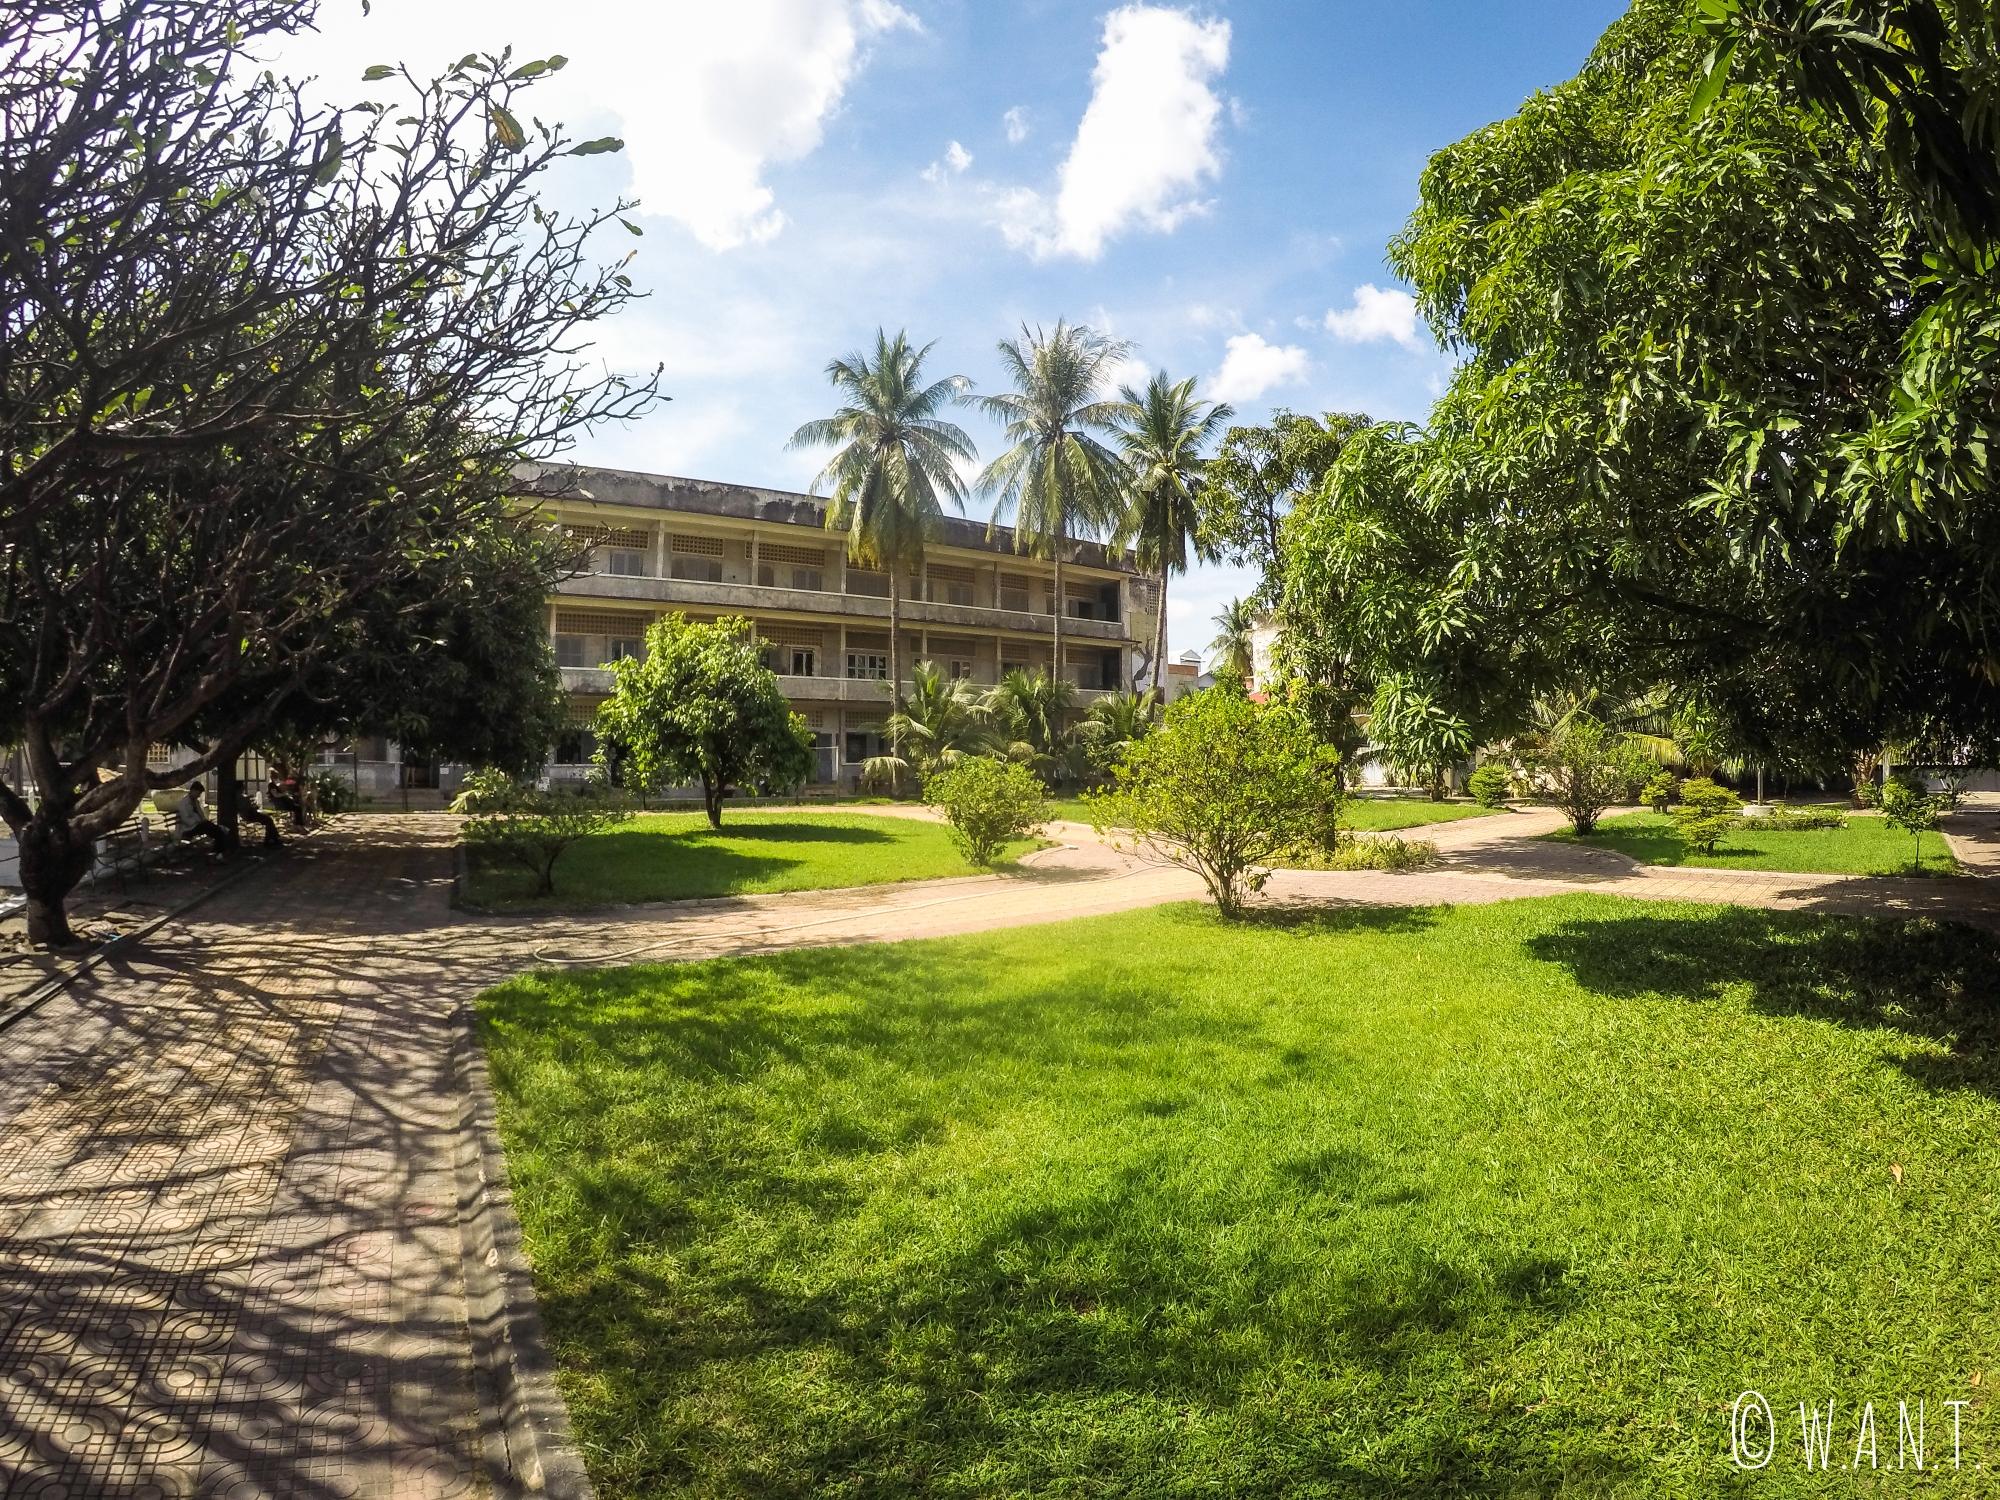 Cour de récréation du lycée transformé en la prison S-21 à Phnom Penh